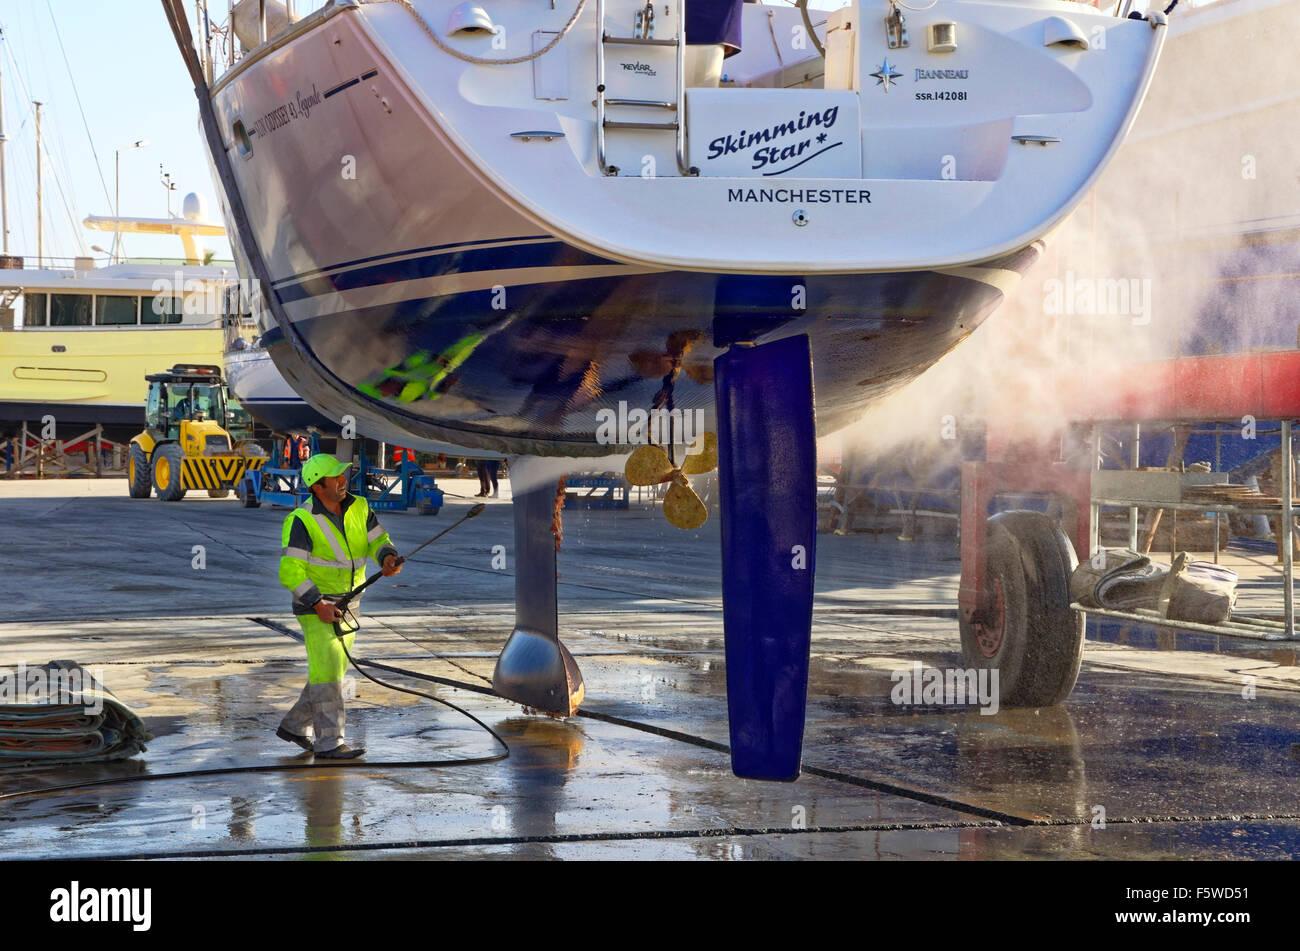 Yacht da crociera che viene sollevato e jet-lavata per rimuovere la incrostazione marina. Immagini Stock